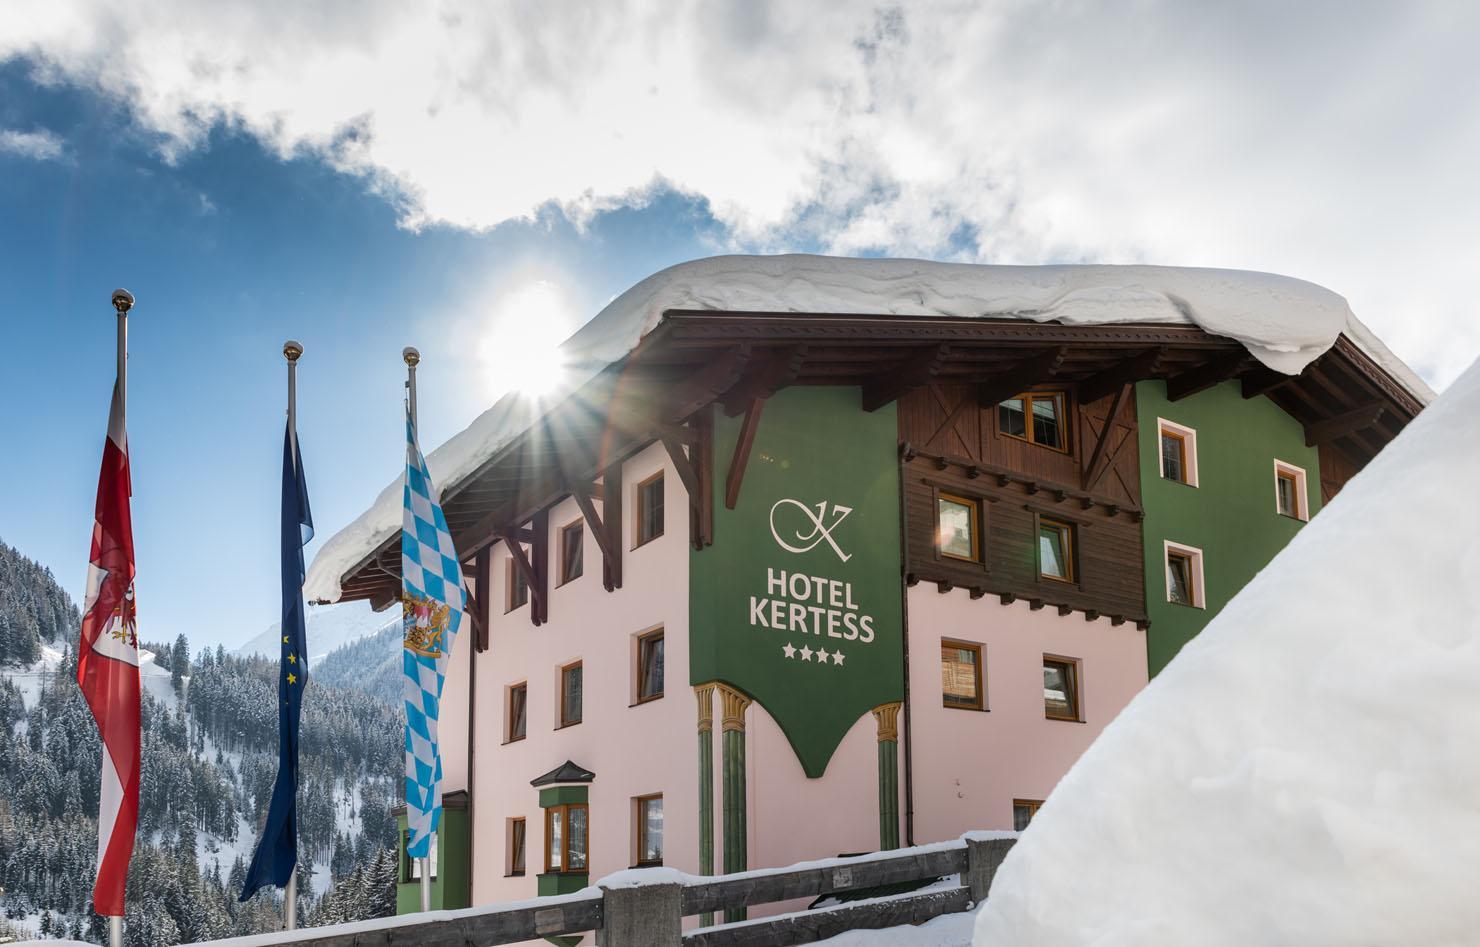 Meer info over Hotel Kertess  bij Summittravel